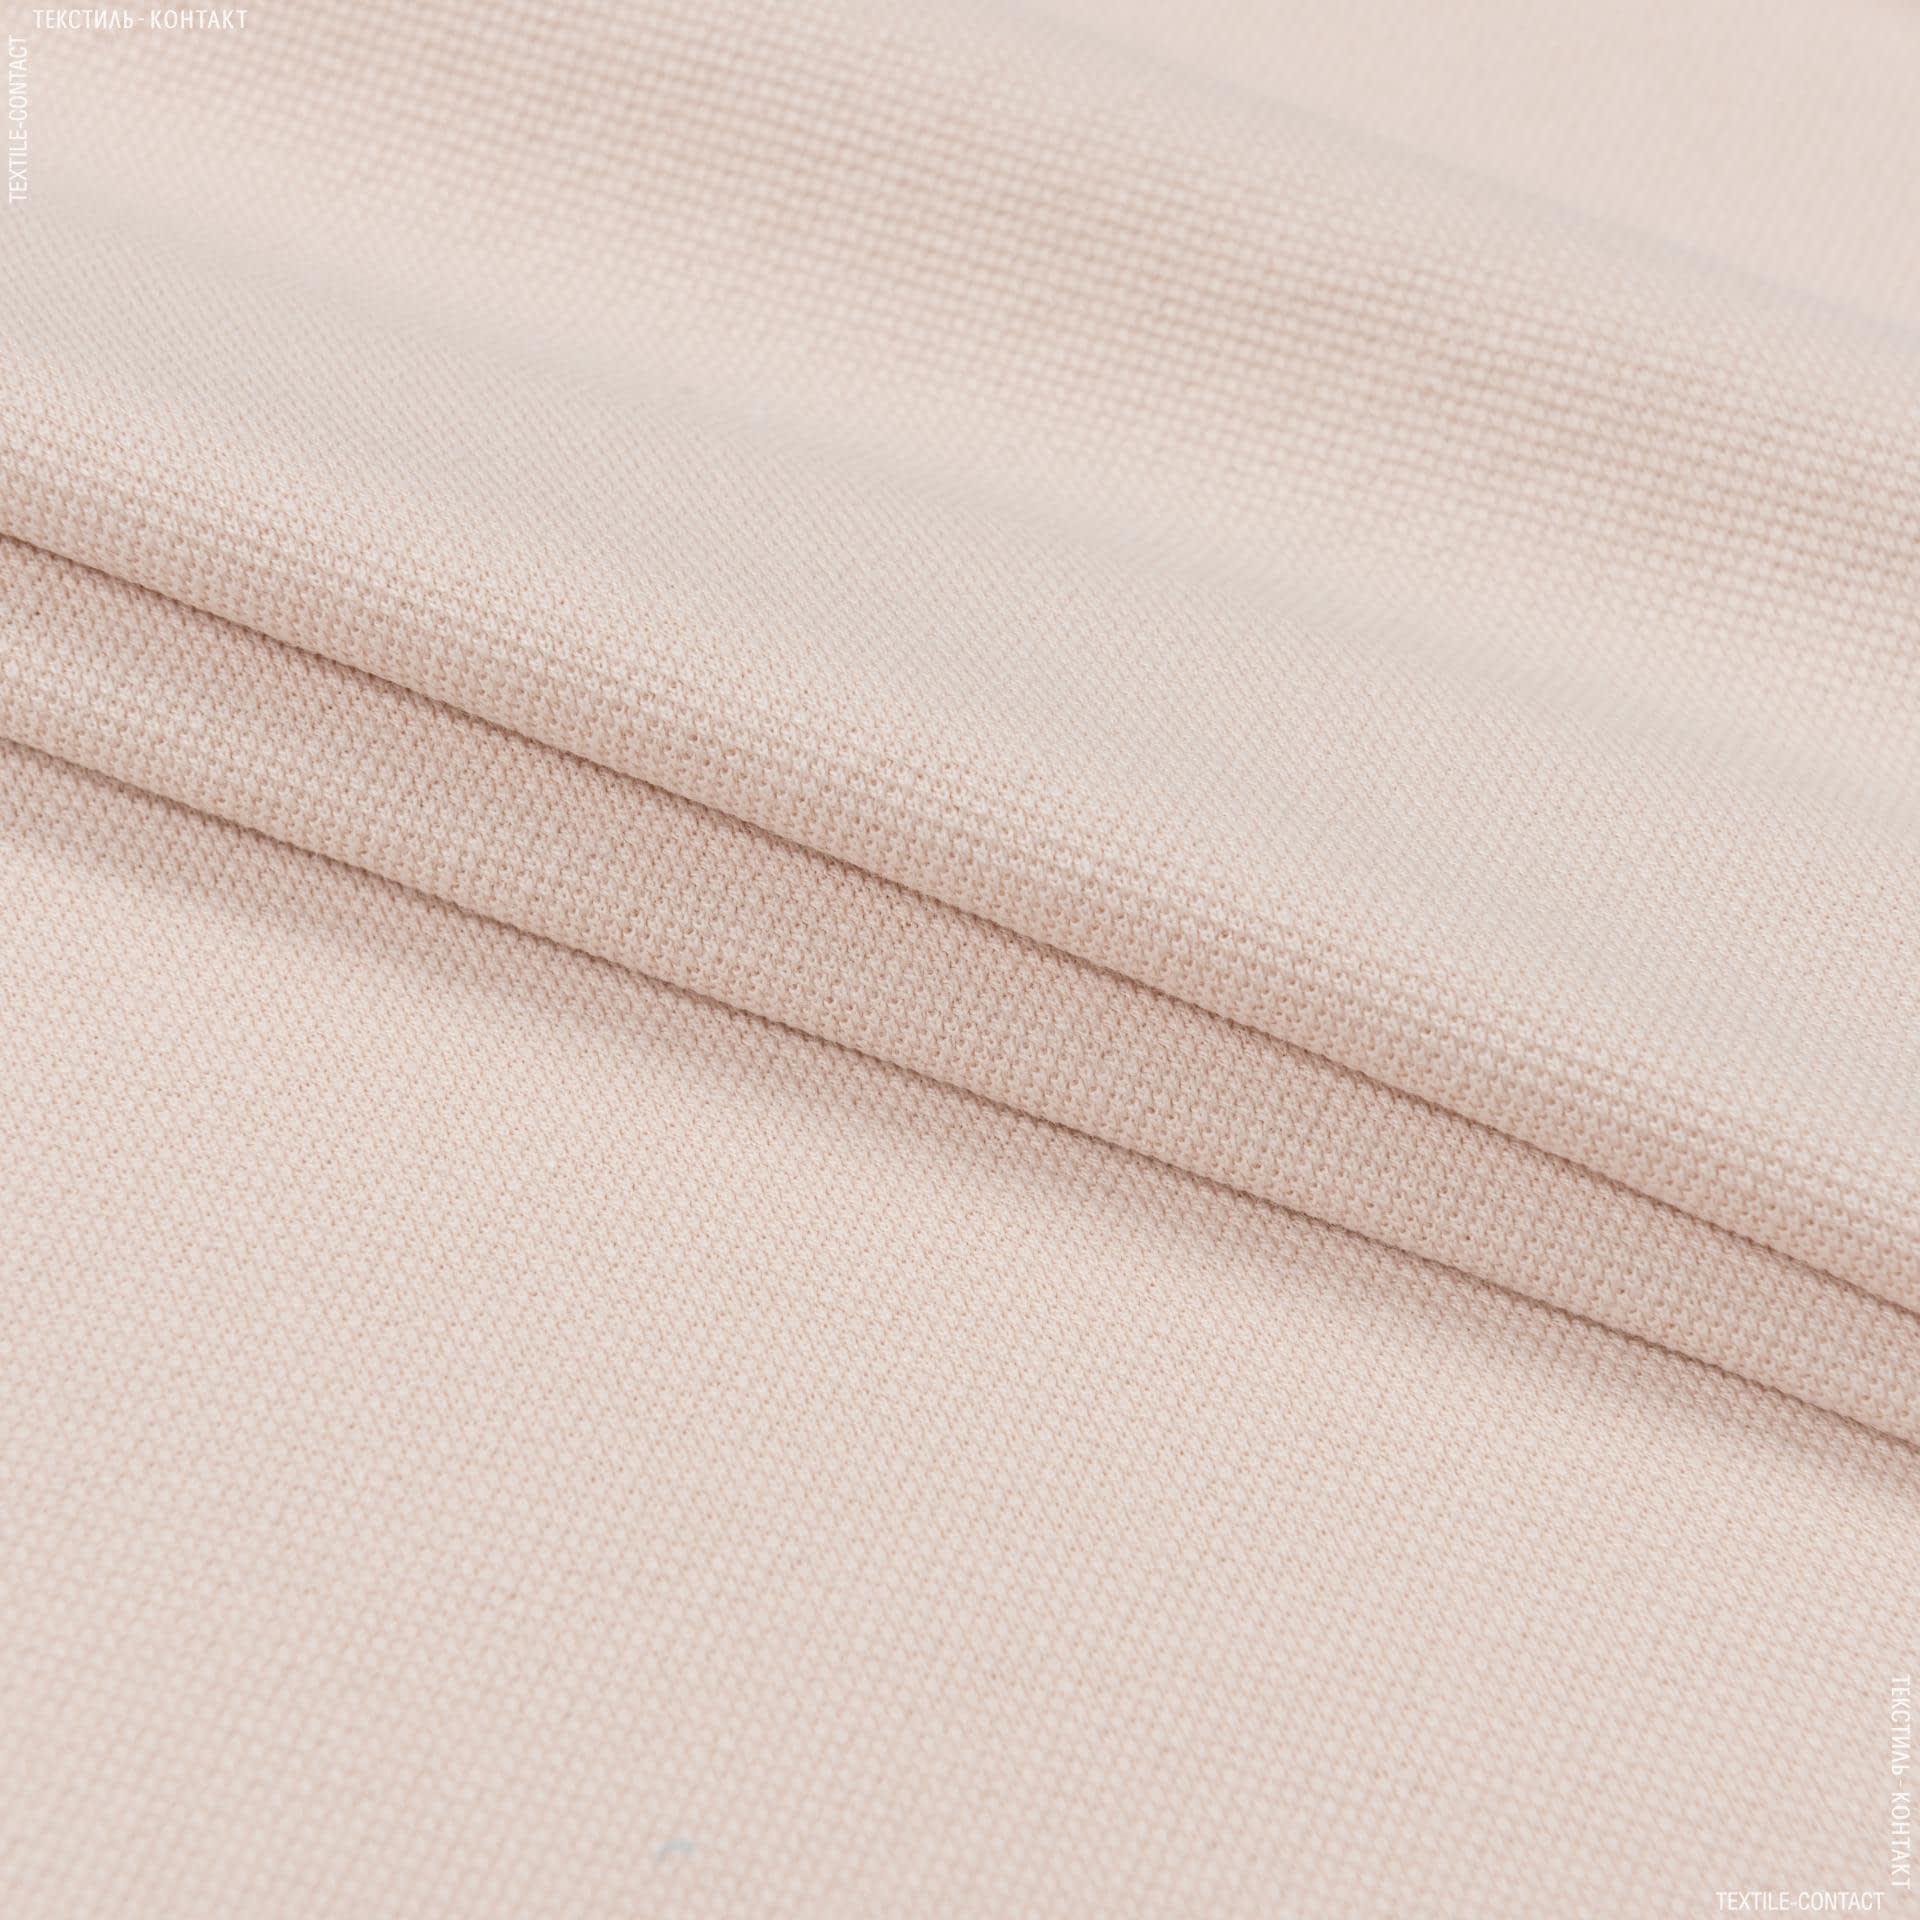 Ткани для спортивной одежды - Лакоста 120см х 2  бежевый (к арт 157812)